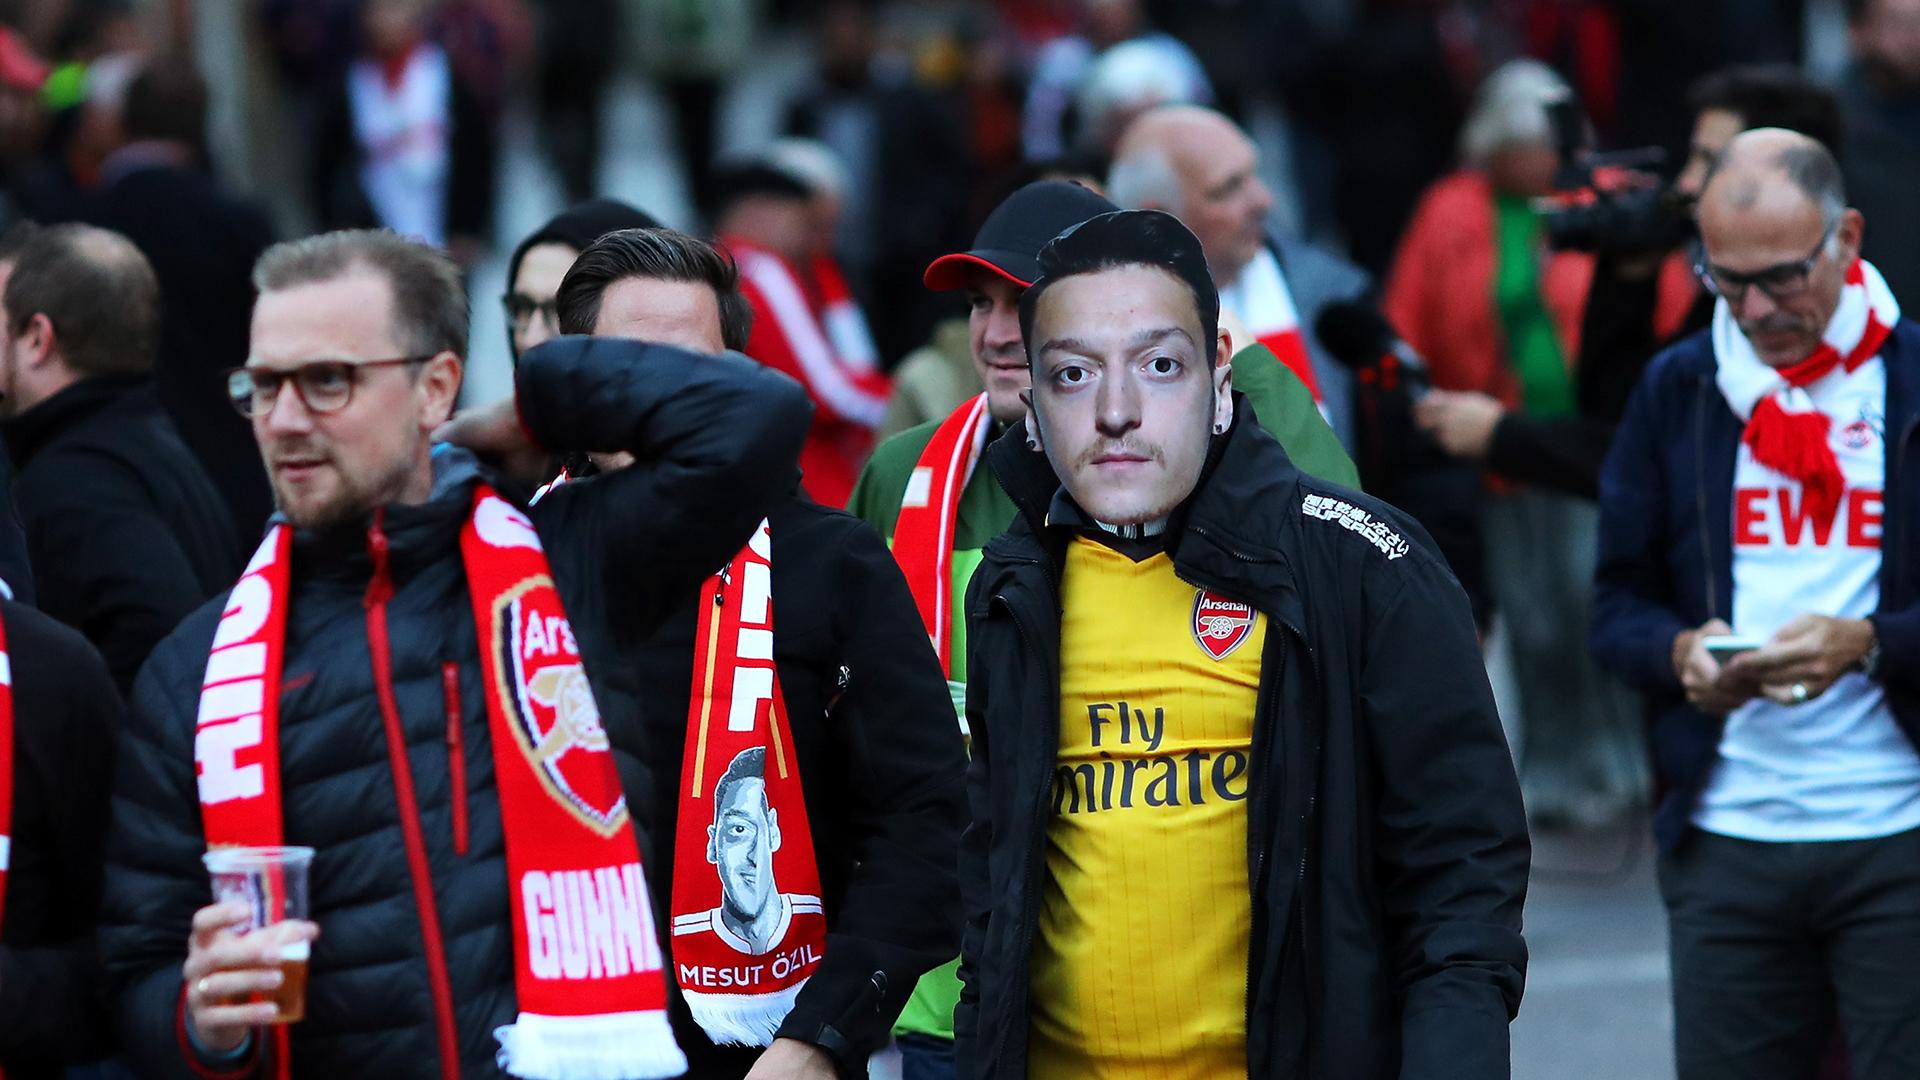 Mesut Ozil Arsenal fan